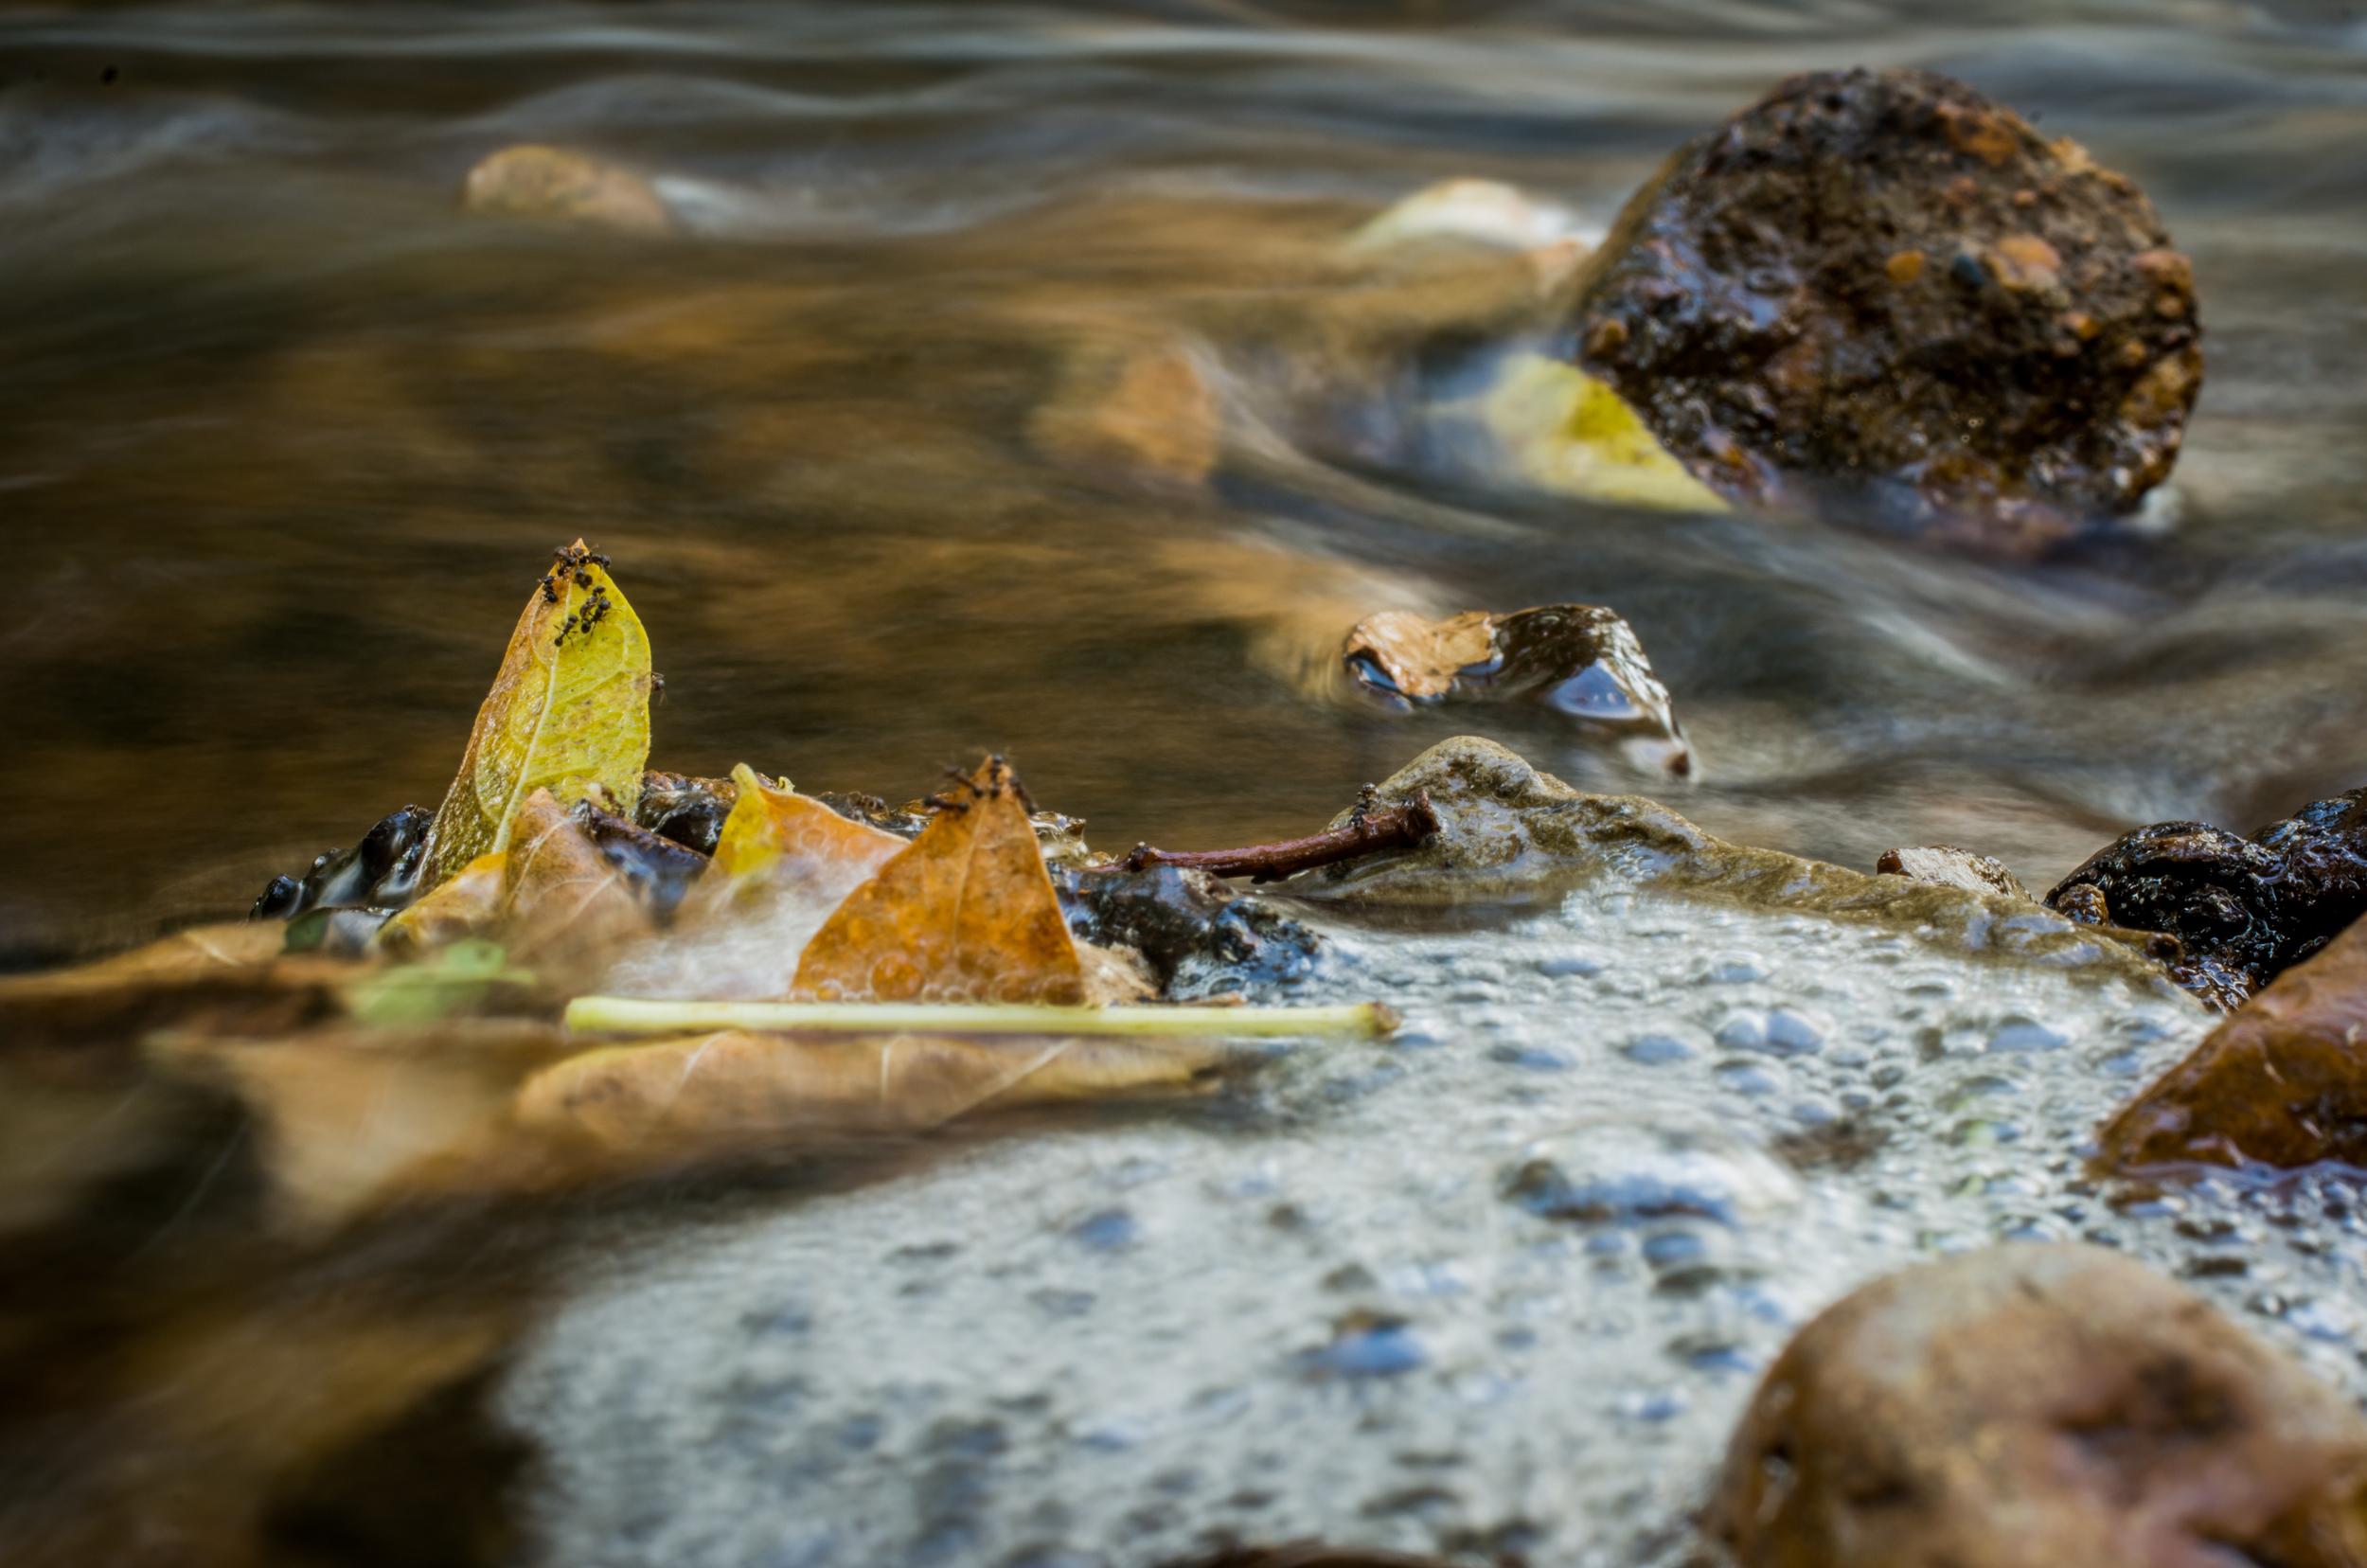 20140831-Heman Park Water-PMG_6191.jpg